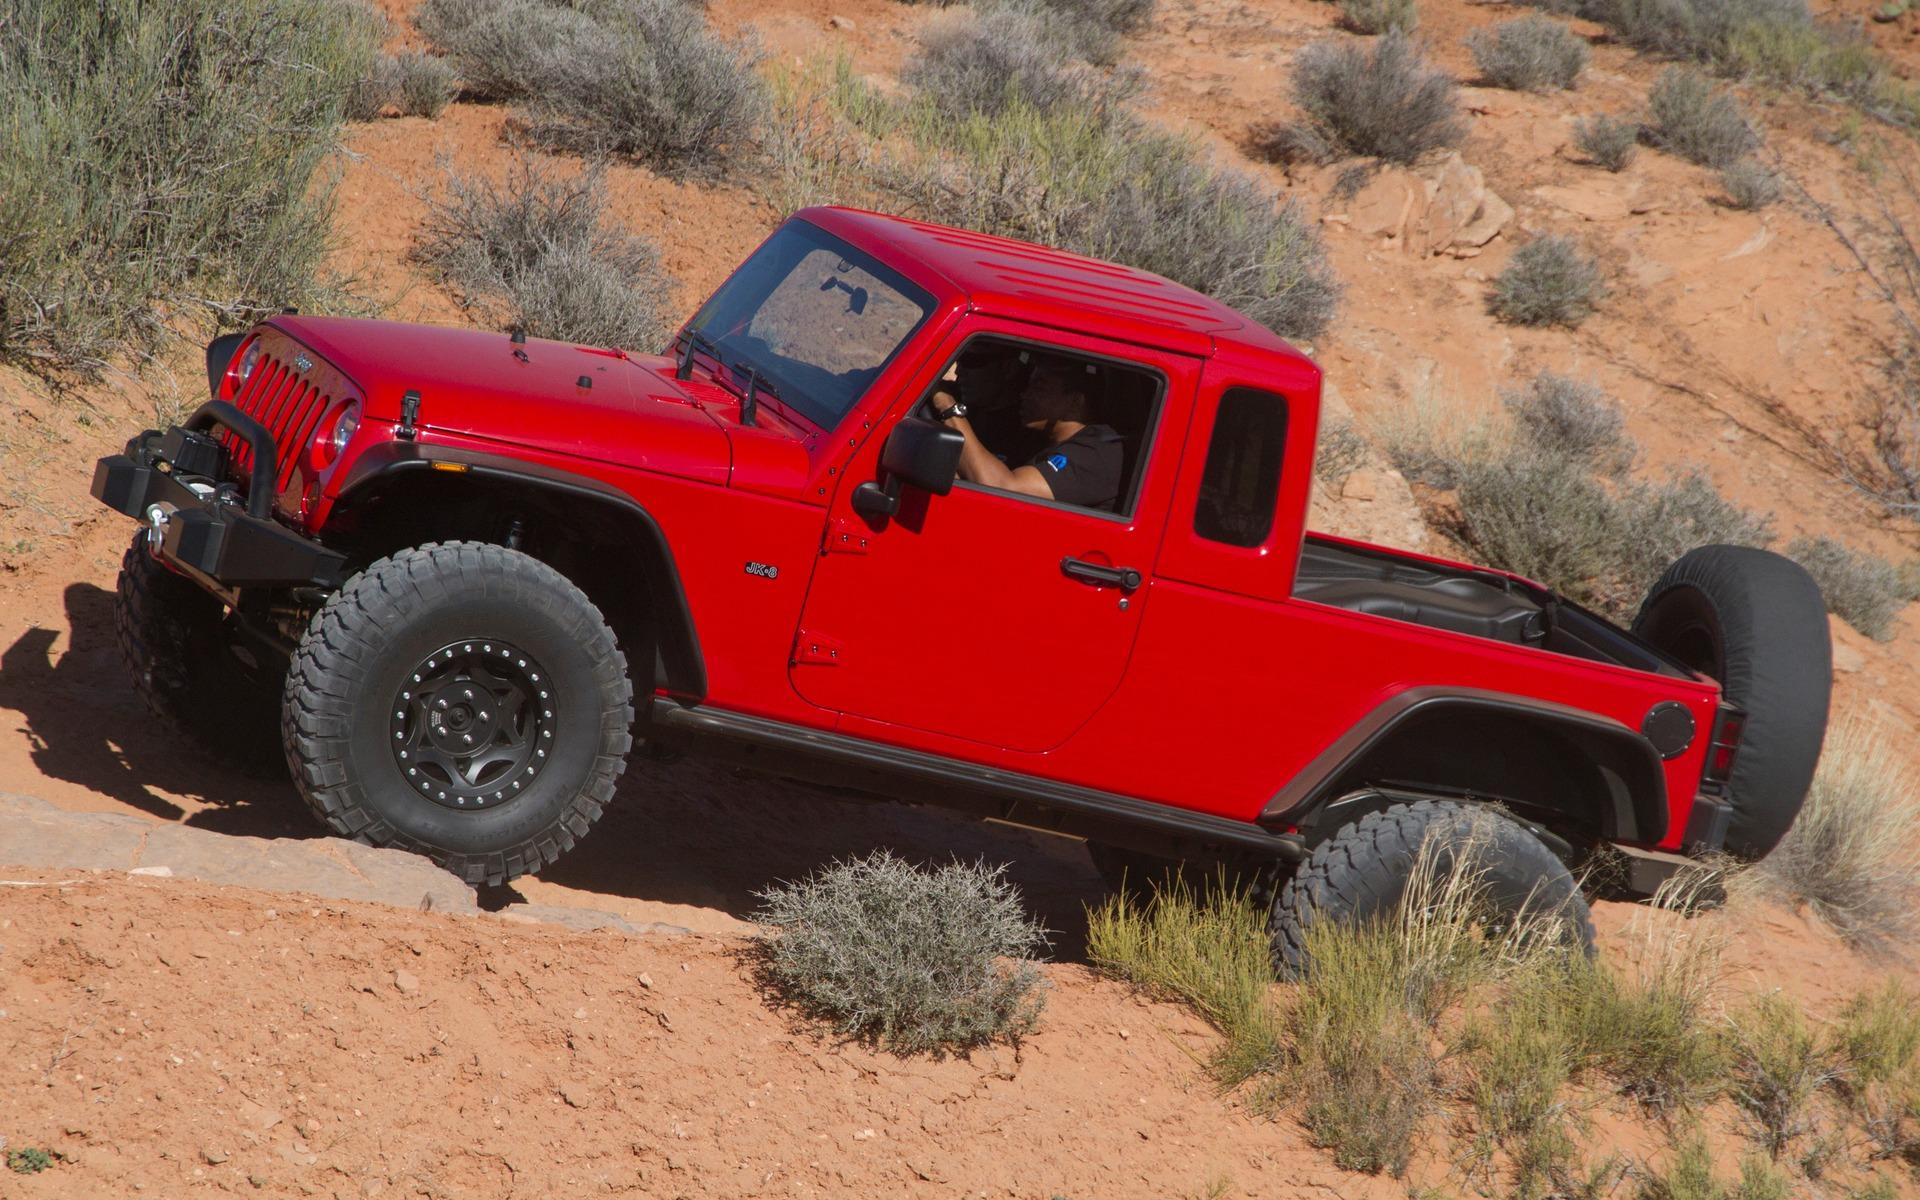 Le pickup Jeep sera dévoilé très bientôt 354027_Jeep